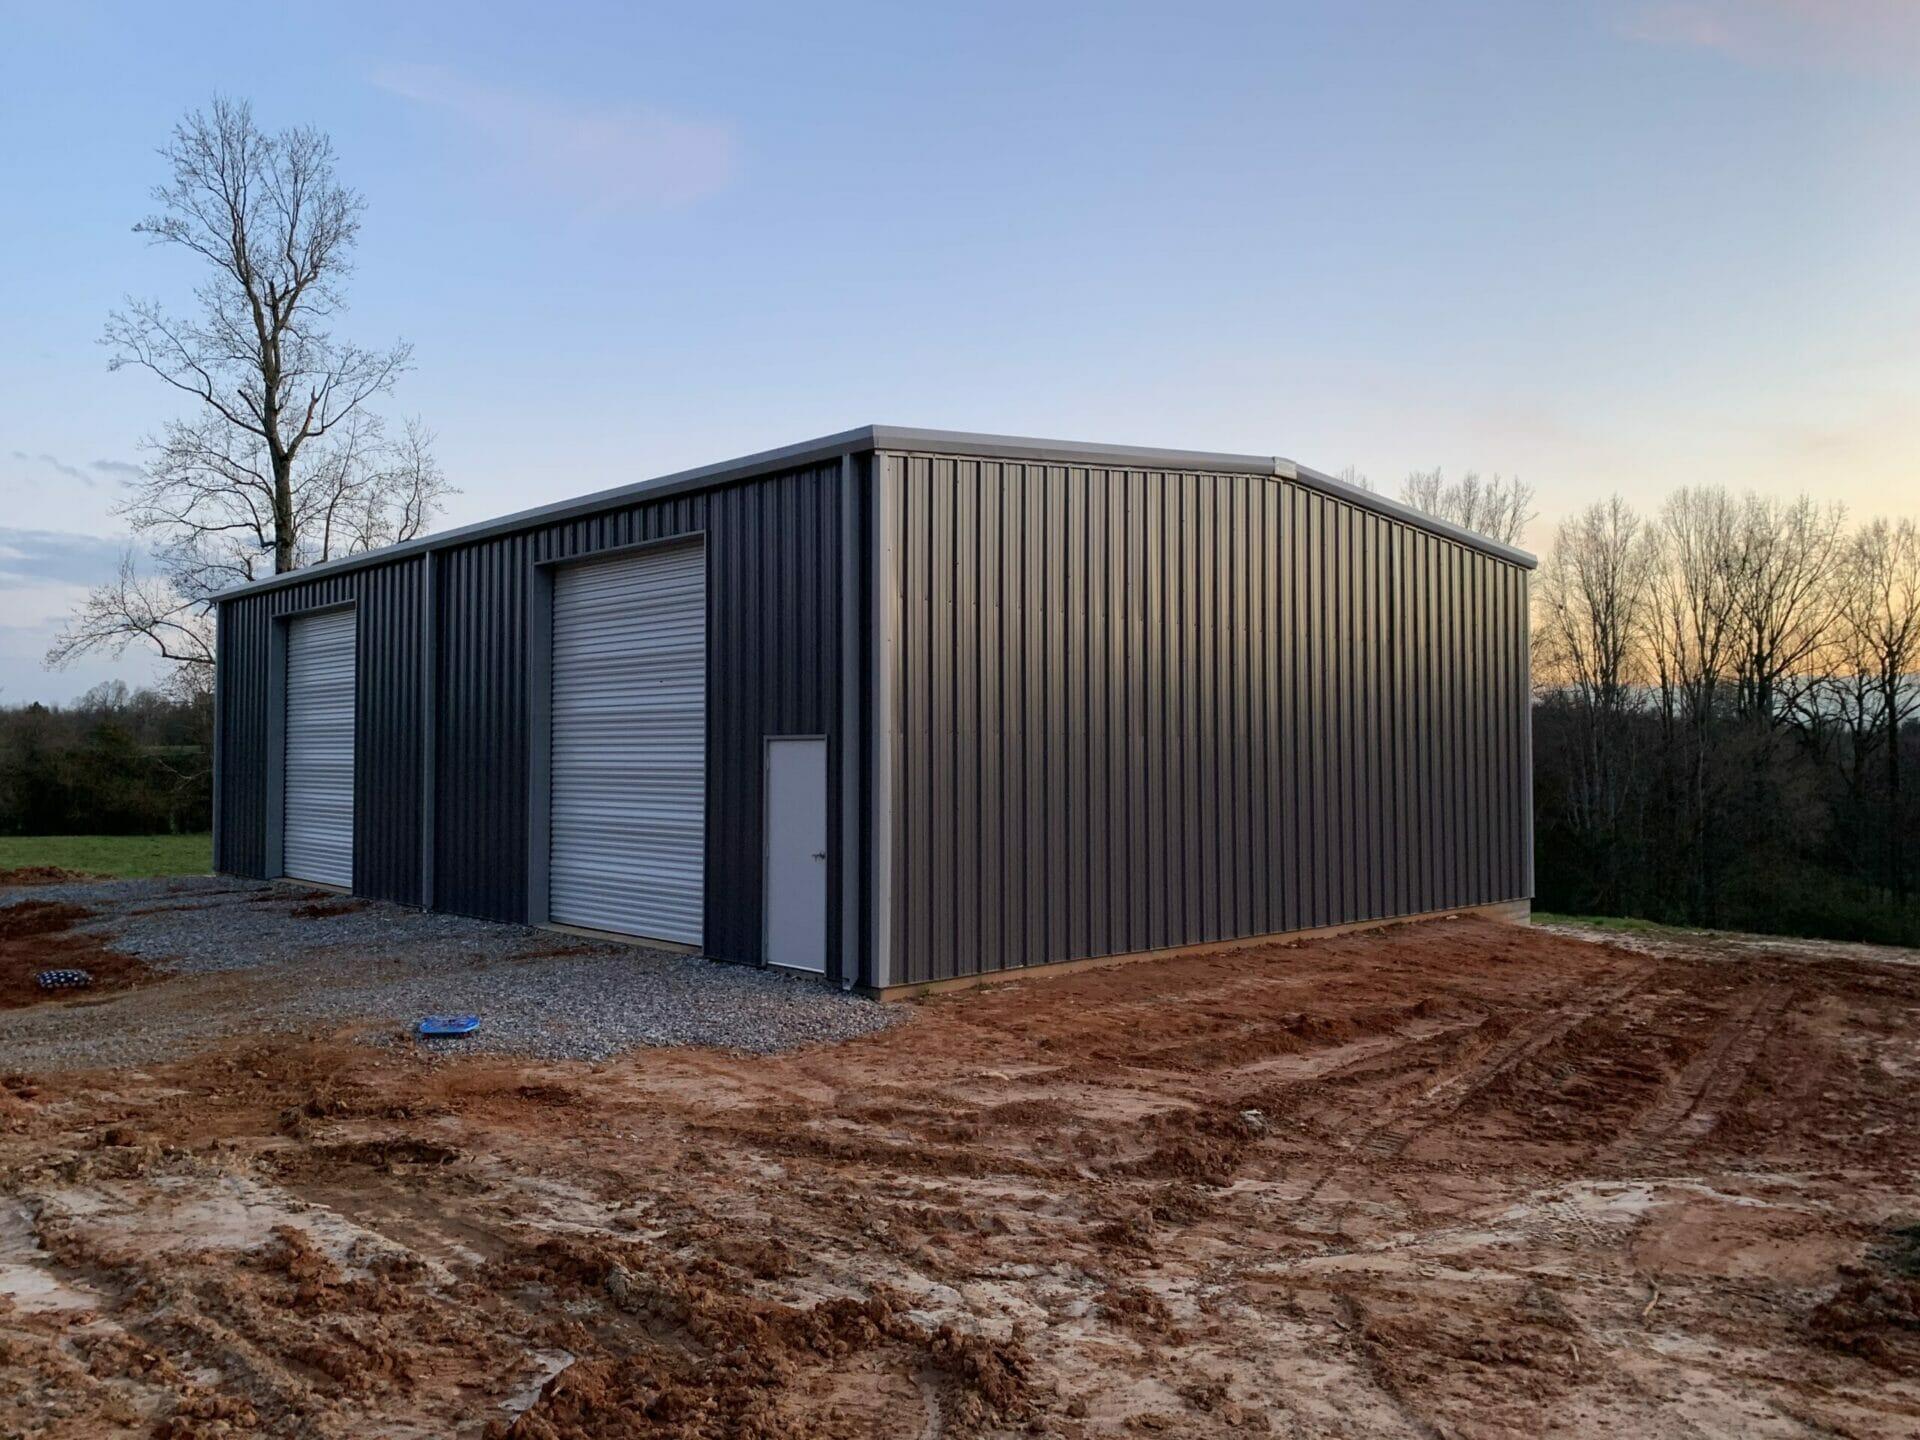 Pre-Engineered Metal Multi-Bay Garage Building With Roll Up Garage Doors And Standard Door